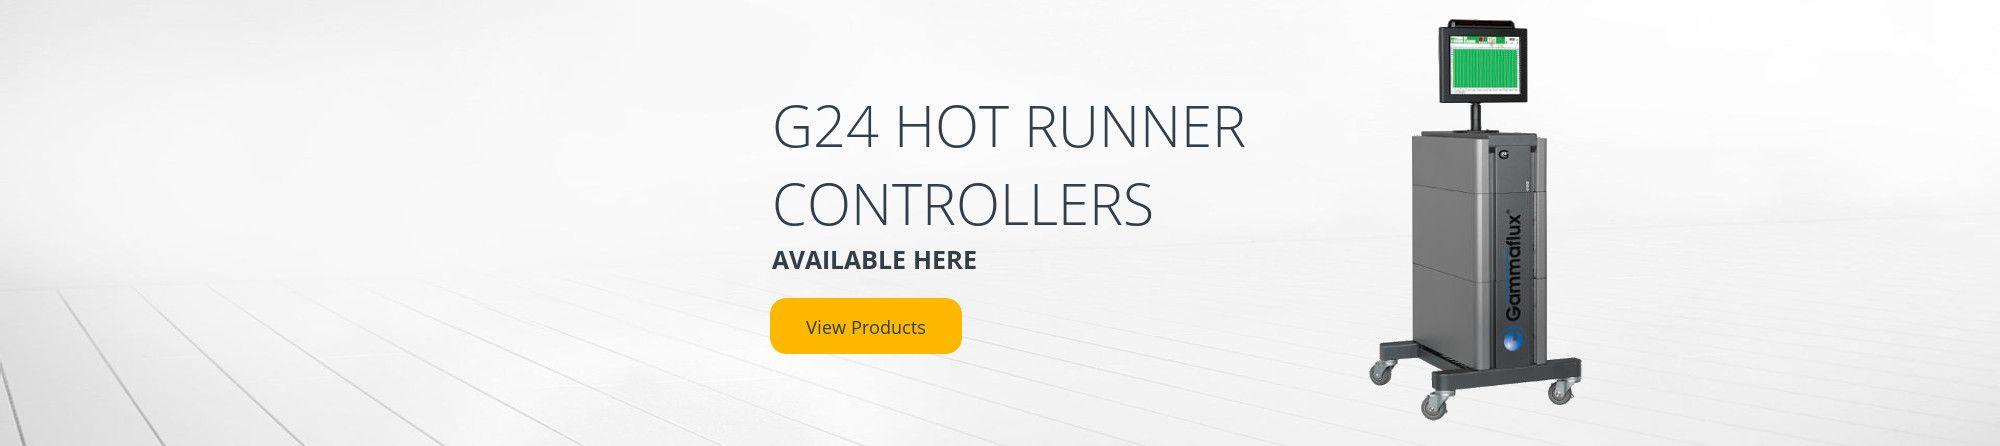 G24 Hot Runner Controller Slider PTA